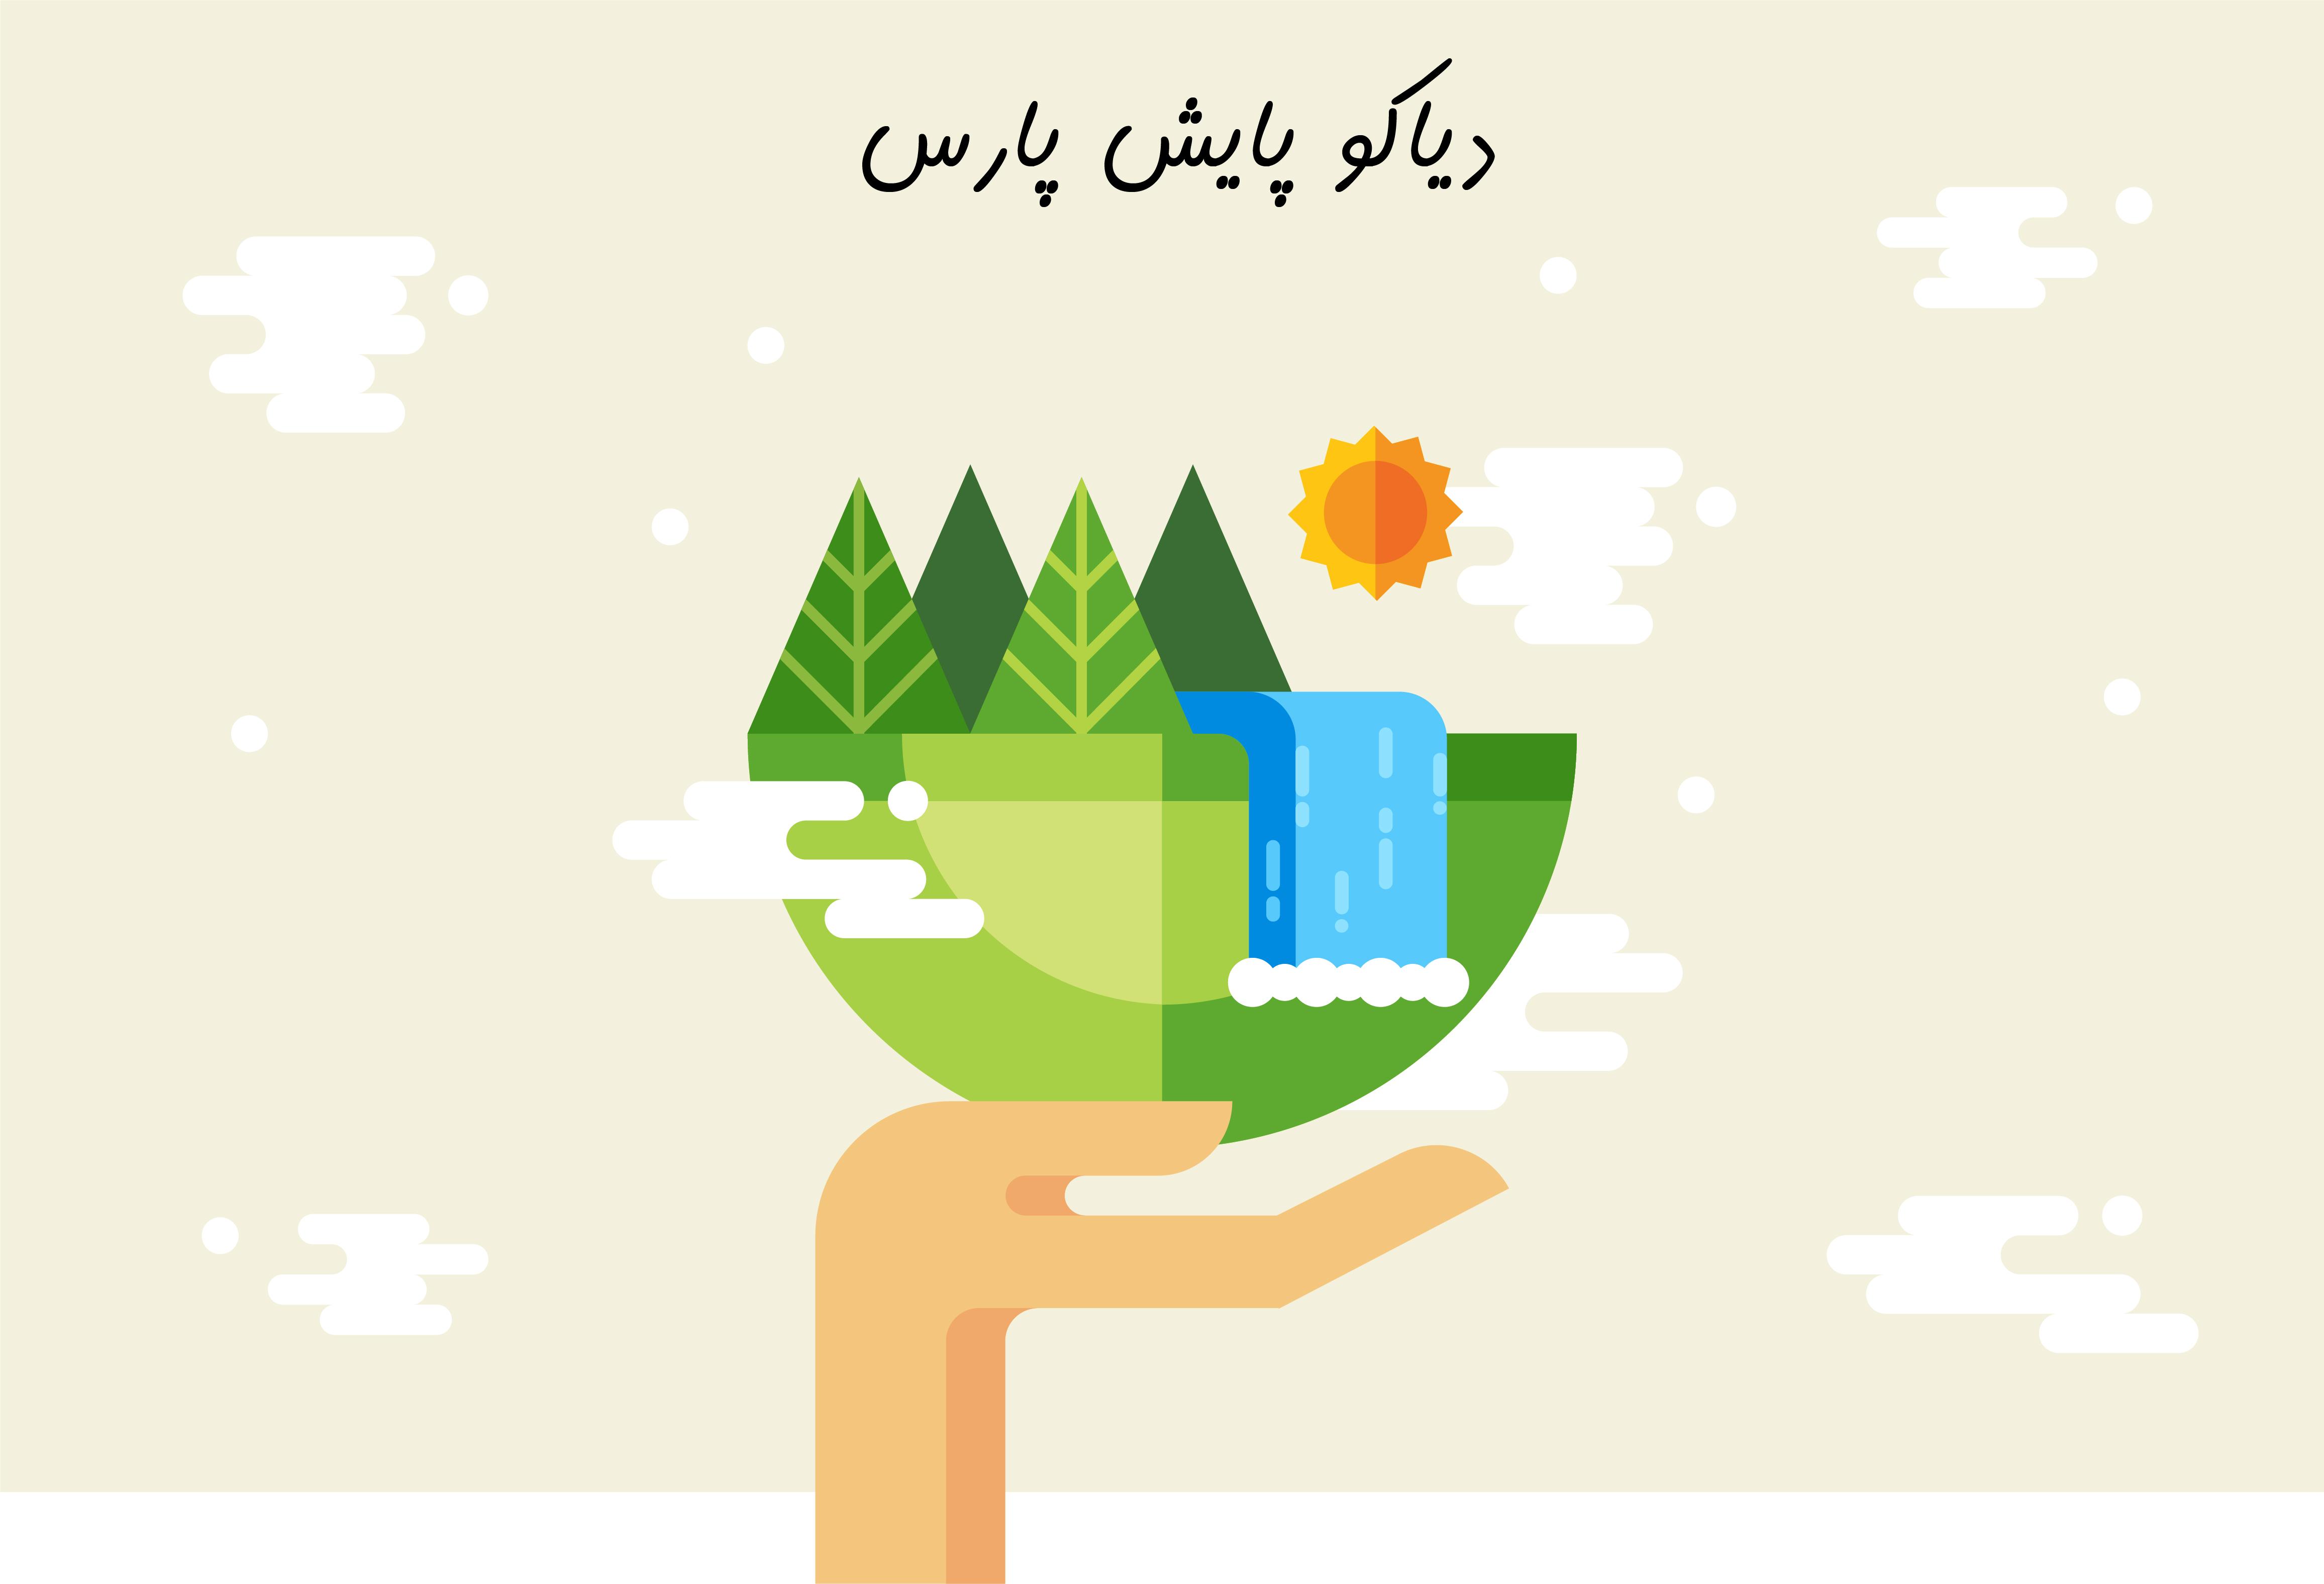 محیط زیست و مدیریت انرژی